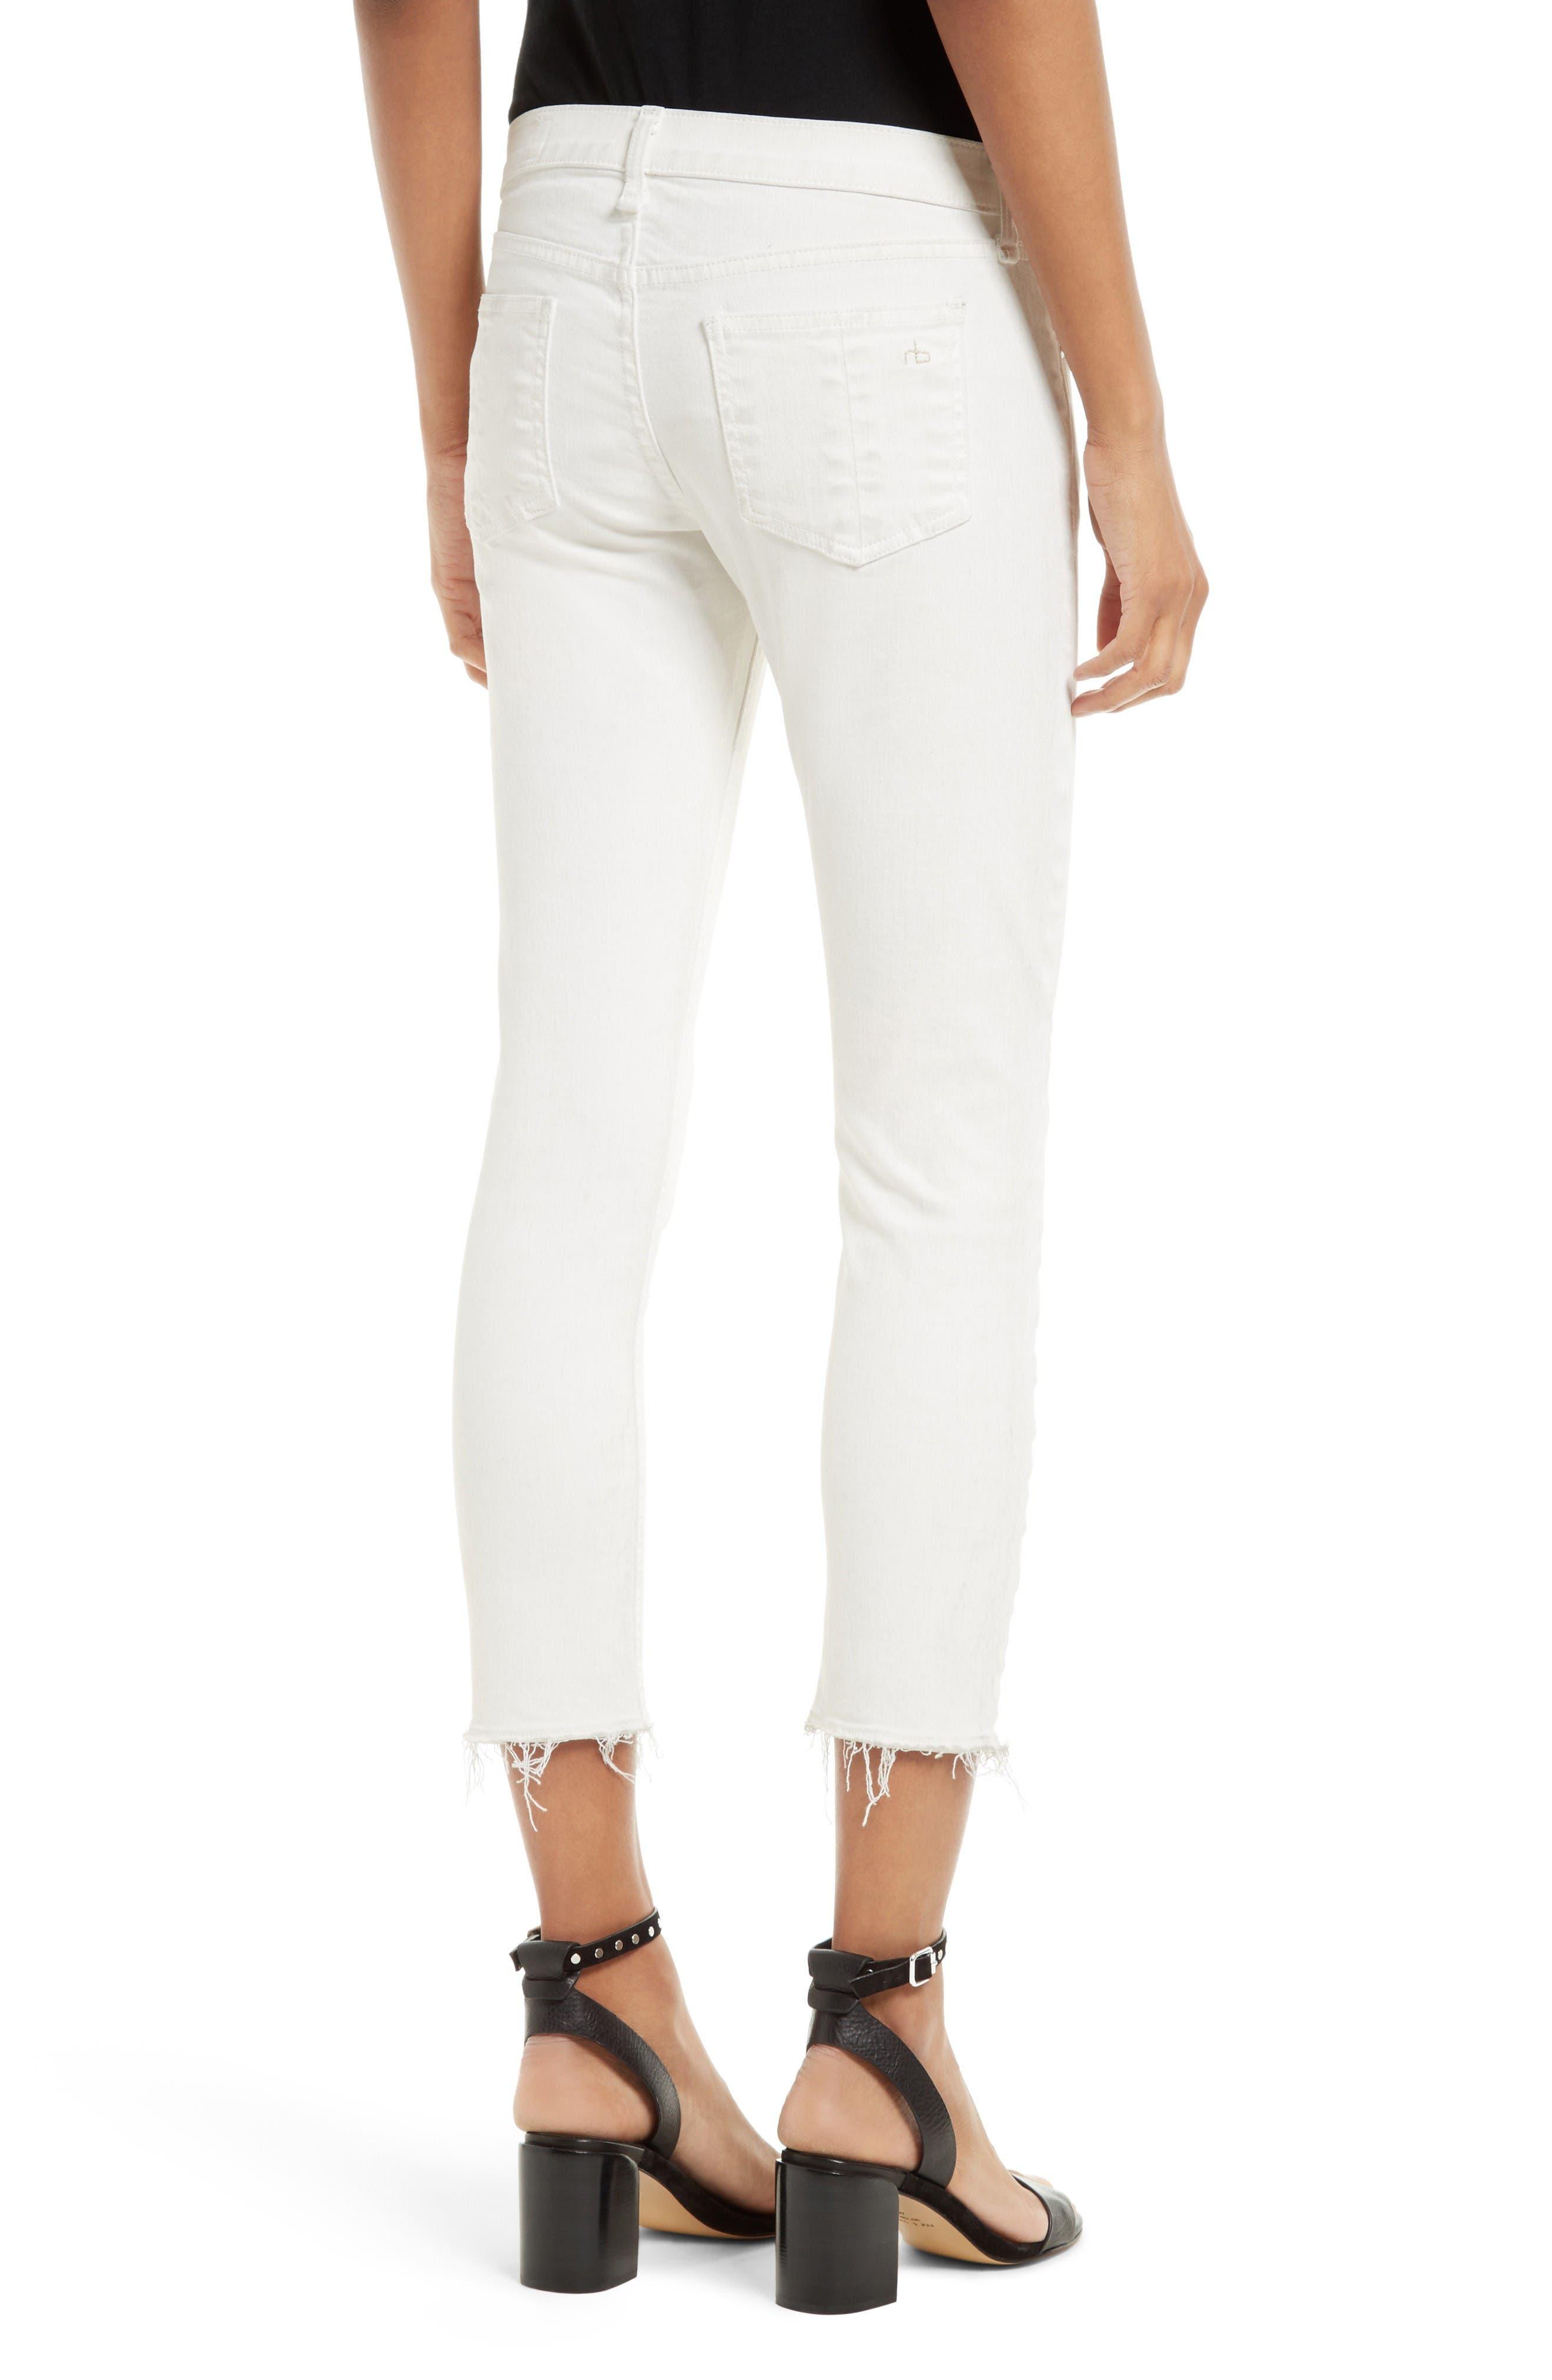 Alternate Image 2  - rag & bone/JEAN Capri Skinny Jeans (Blanc with Fray)